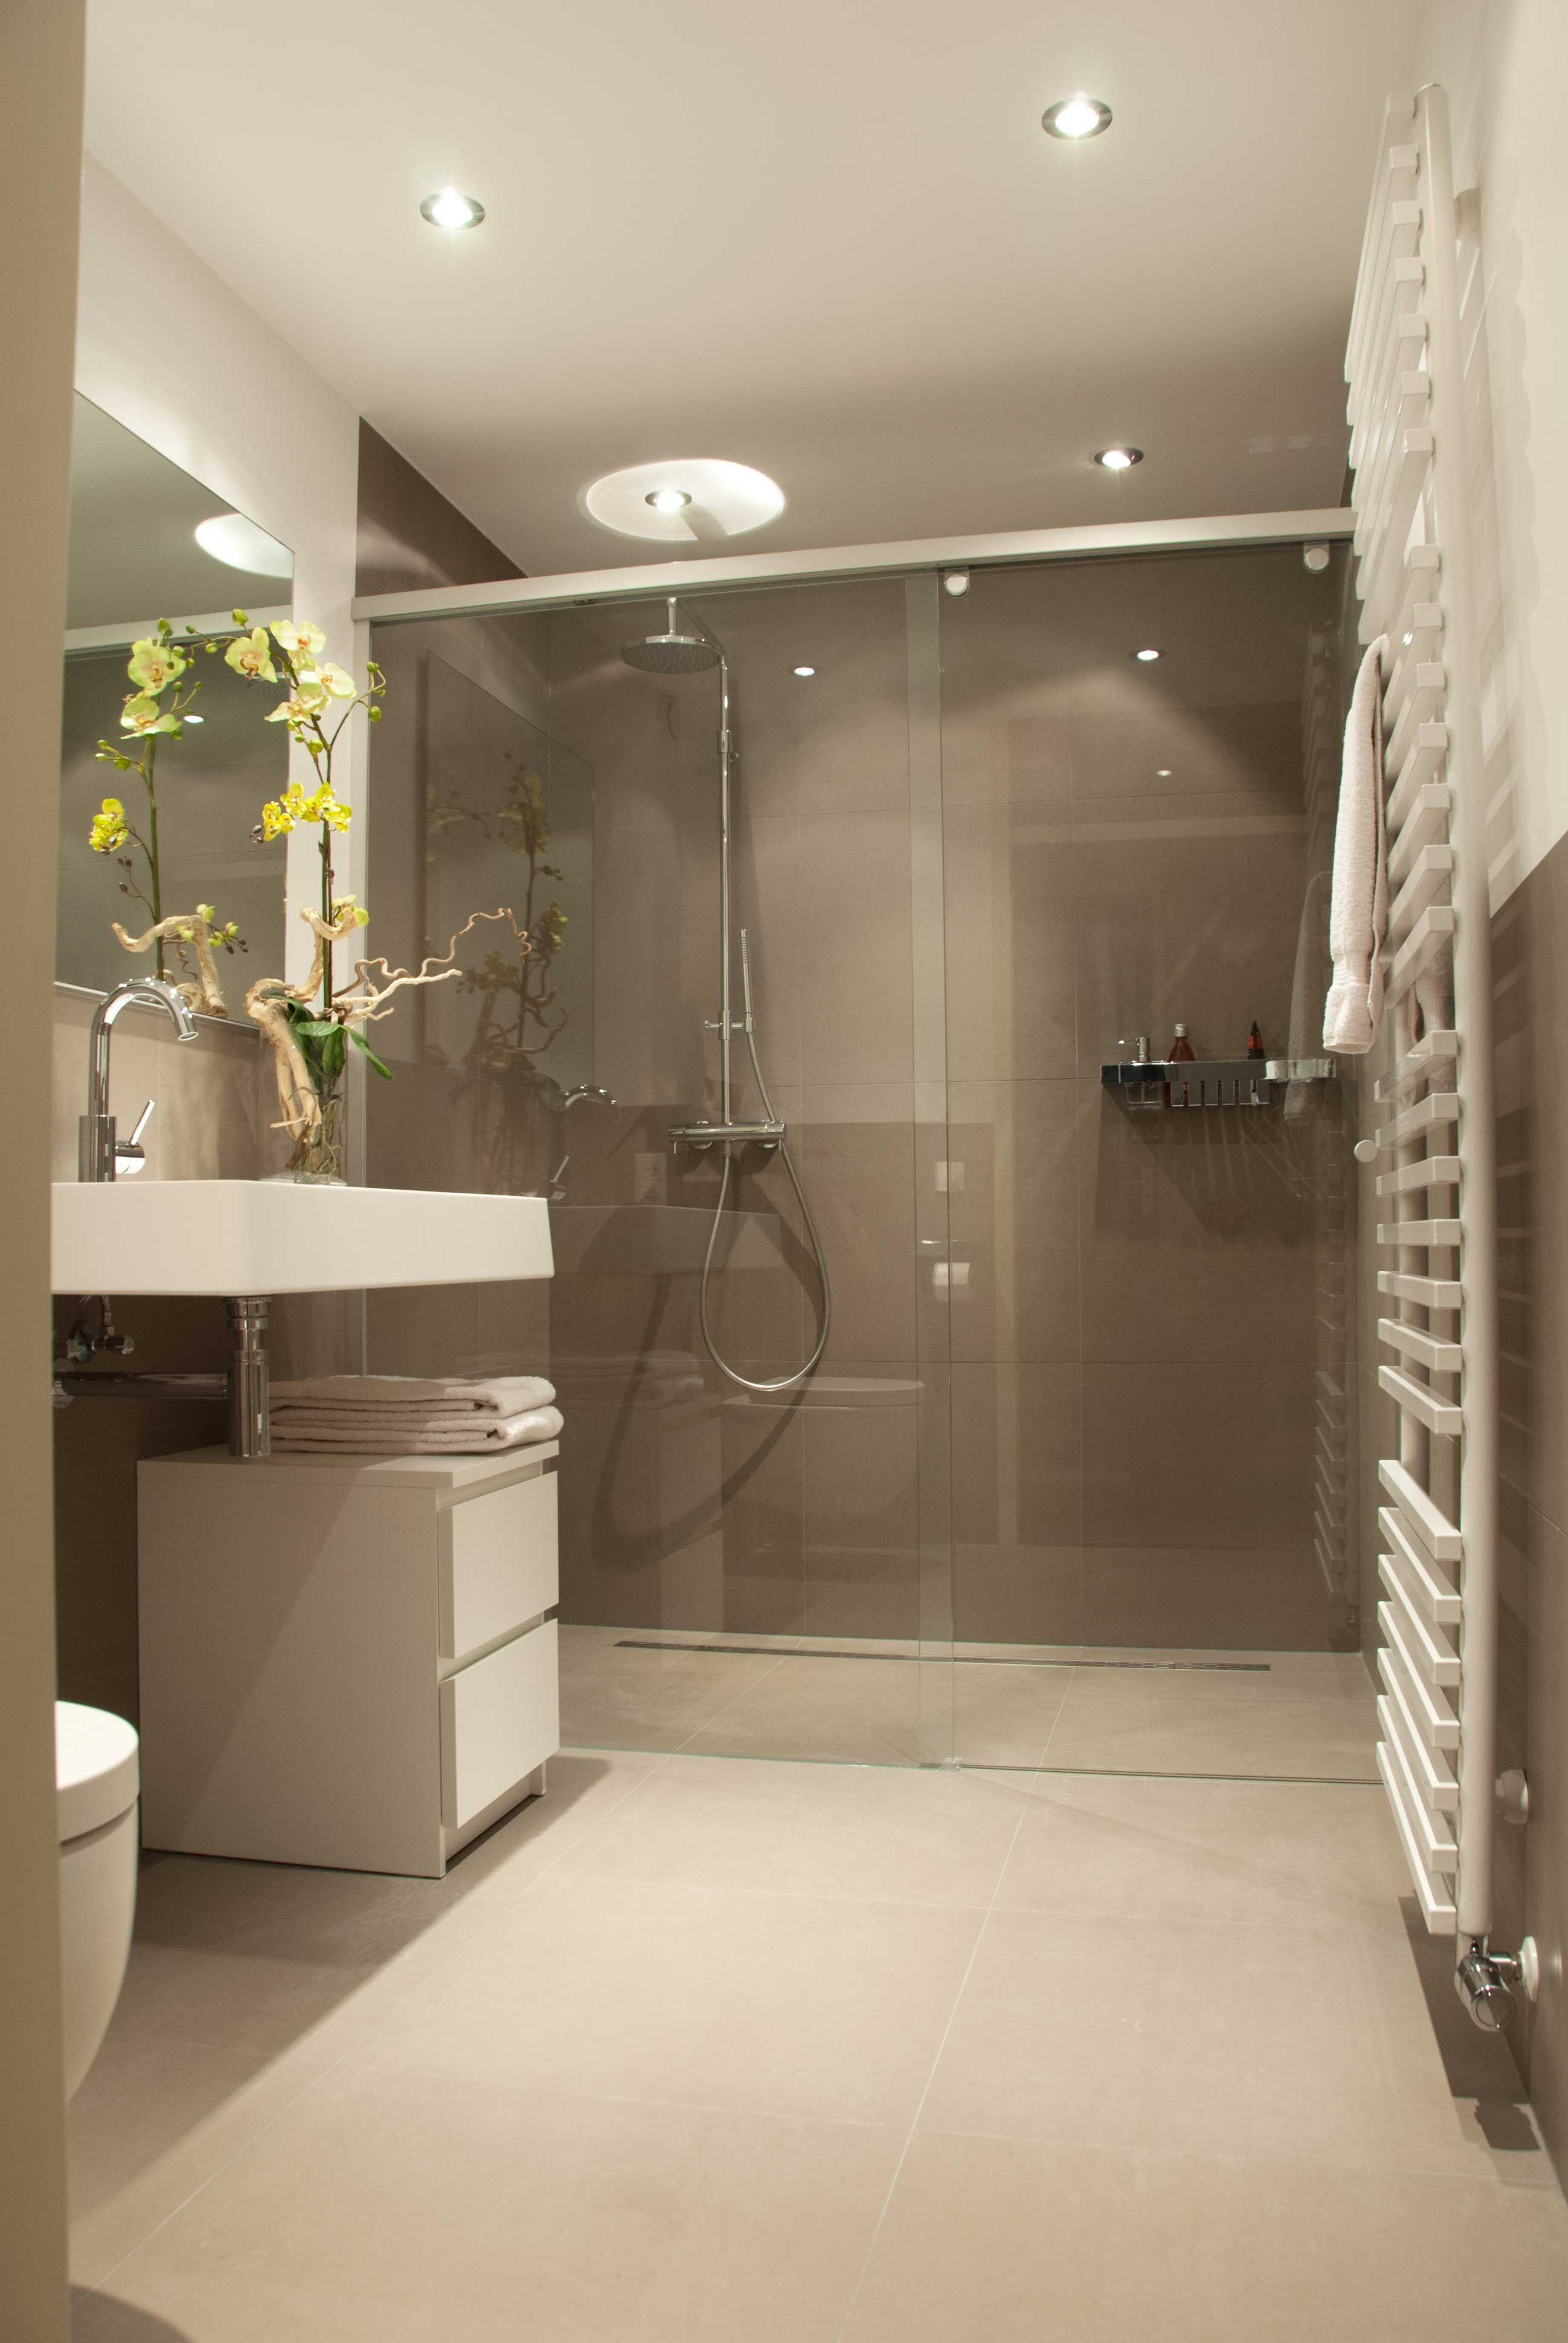 Matte tegels in aarde tinten rak earthstone off beige off grey bijvoorbeeld badkamer - Bruine en beige badkamer ...